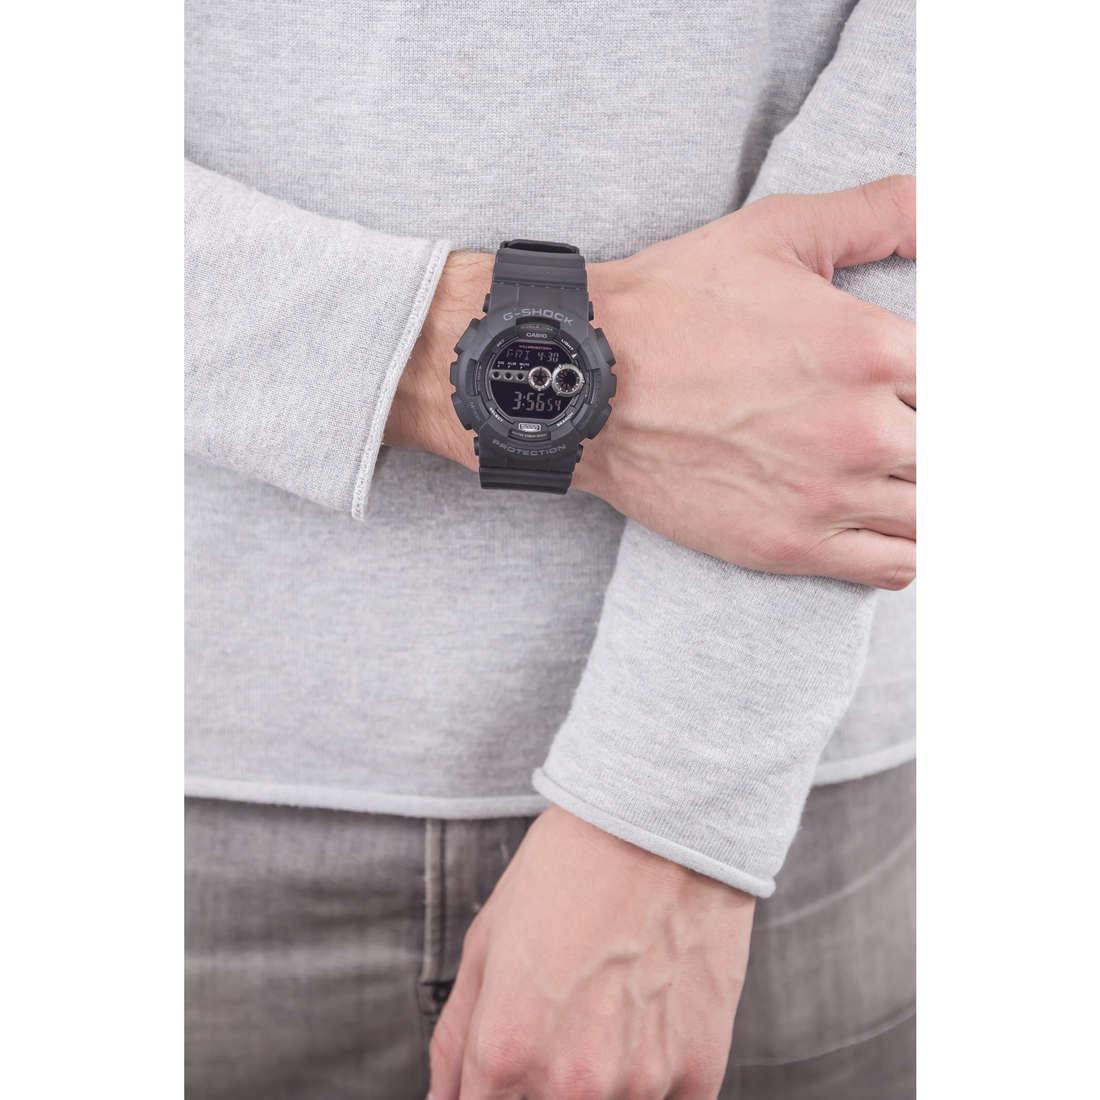 Casio numériques G-Shock homme GD-100-1BER photo wearing